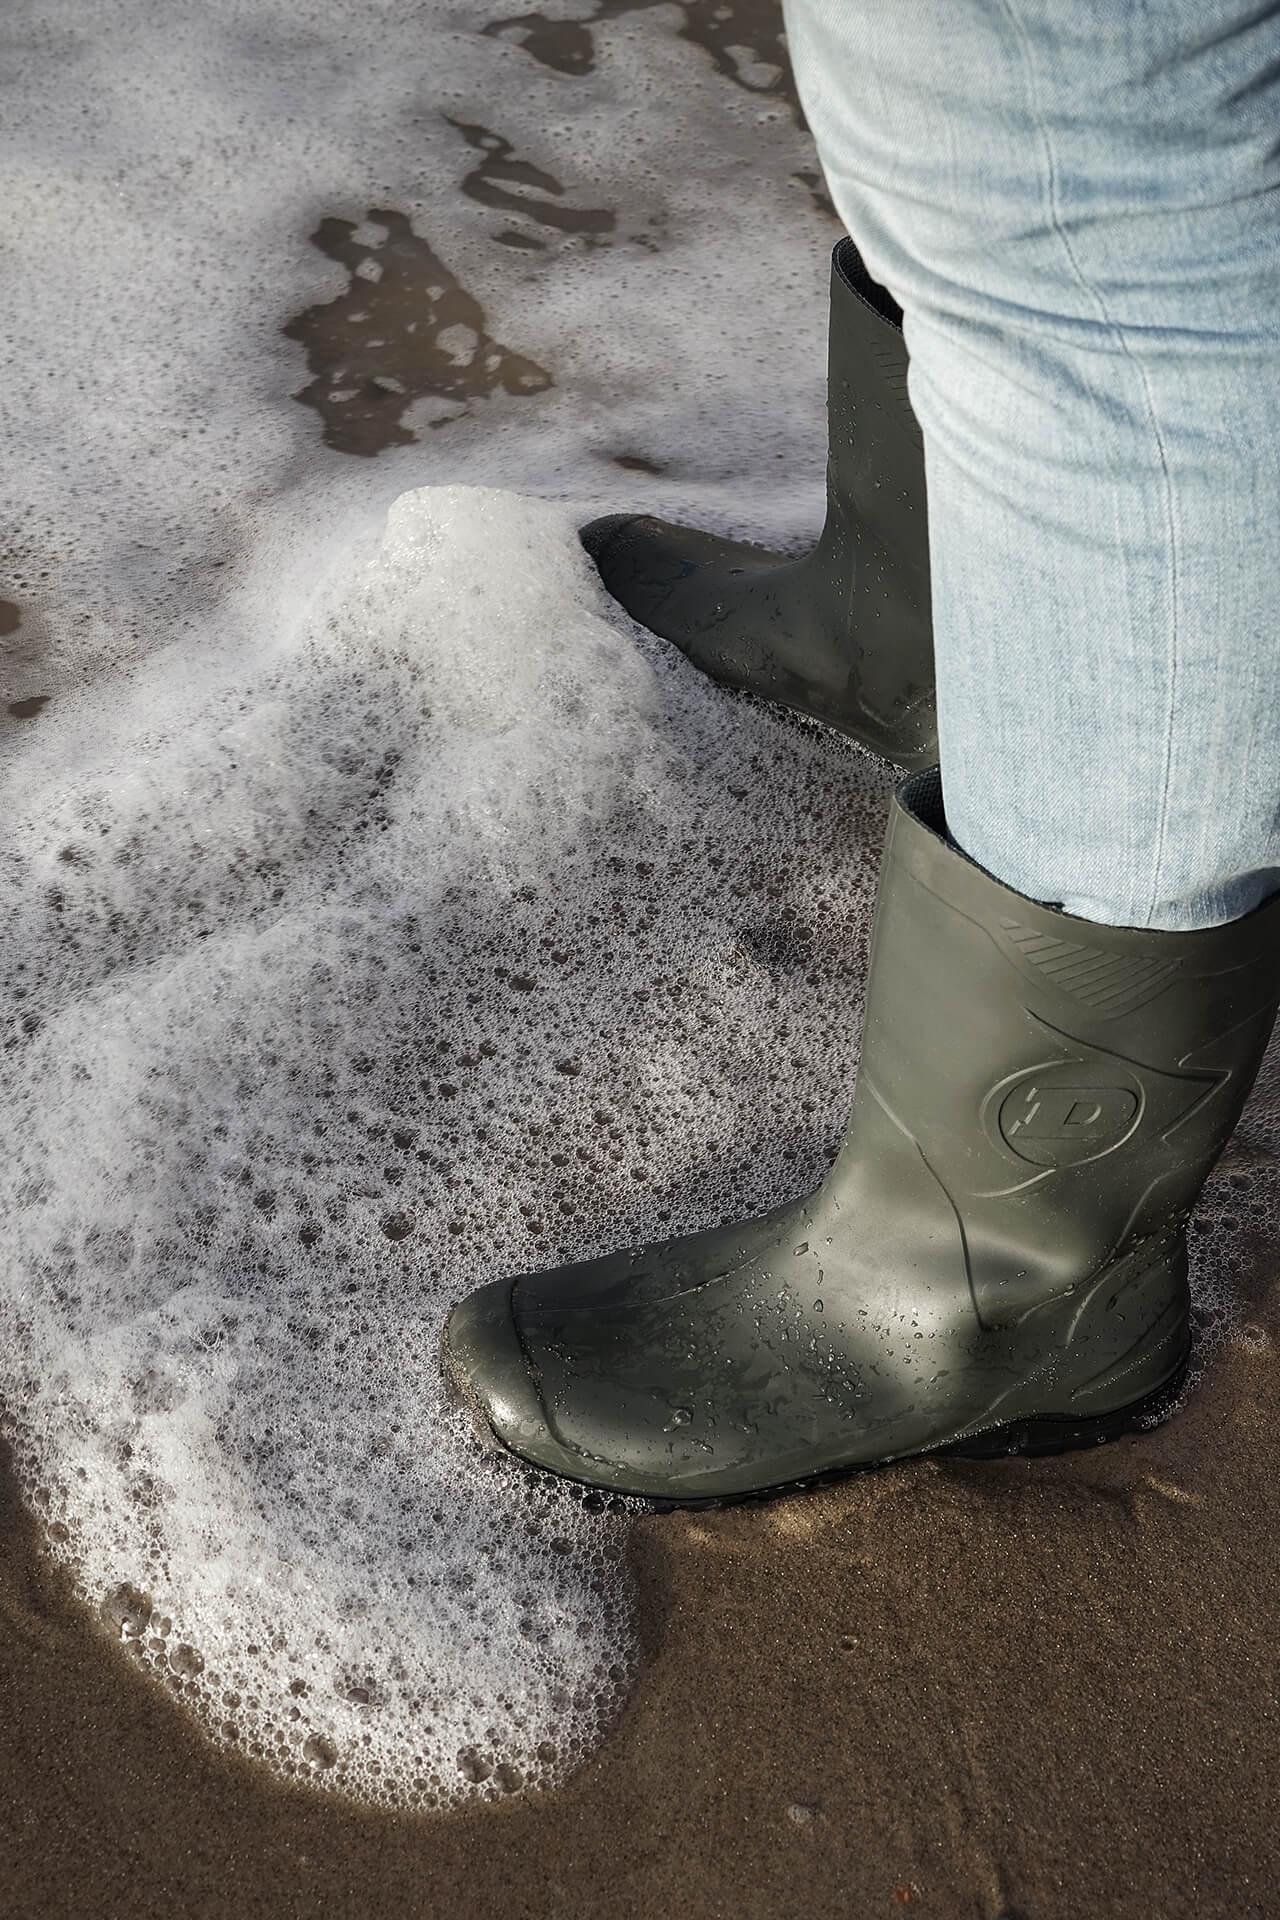 Cadzand-Bad - met laarzen in het zeewater op het strand